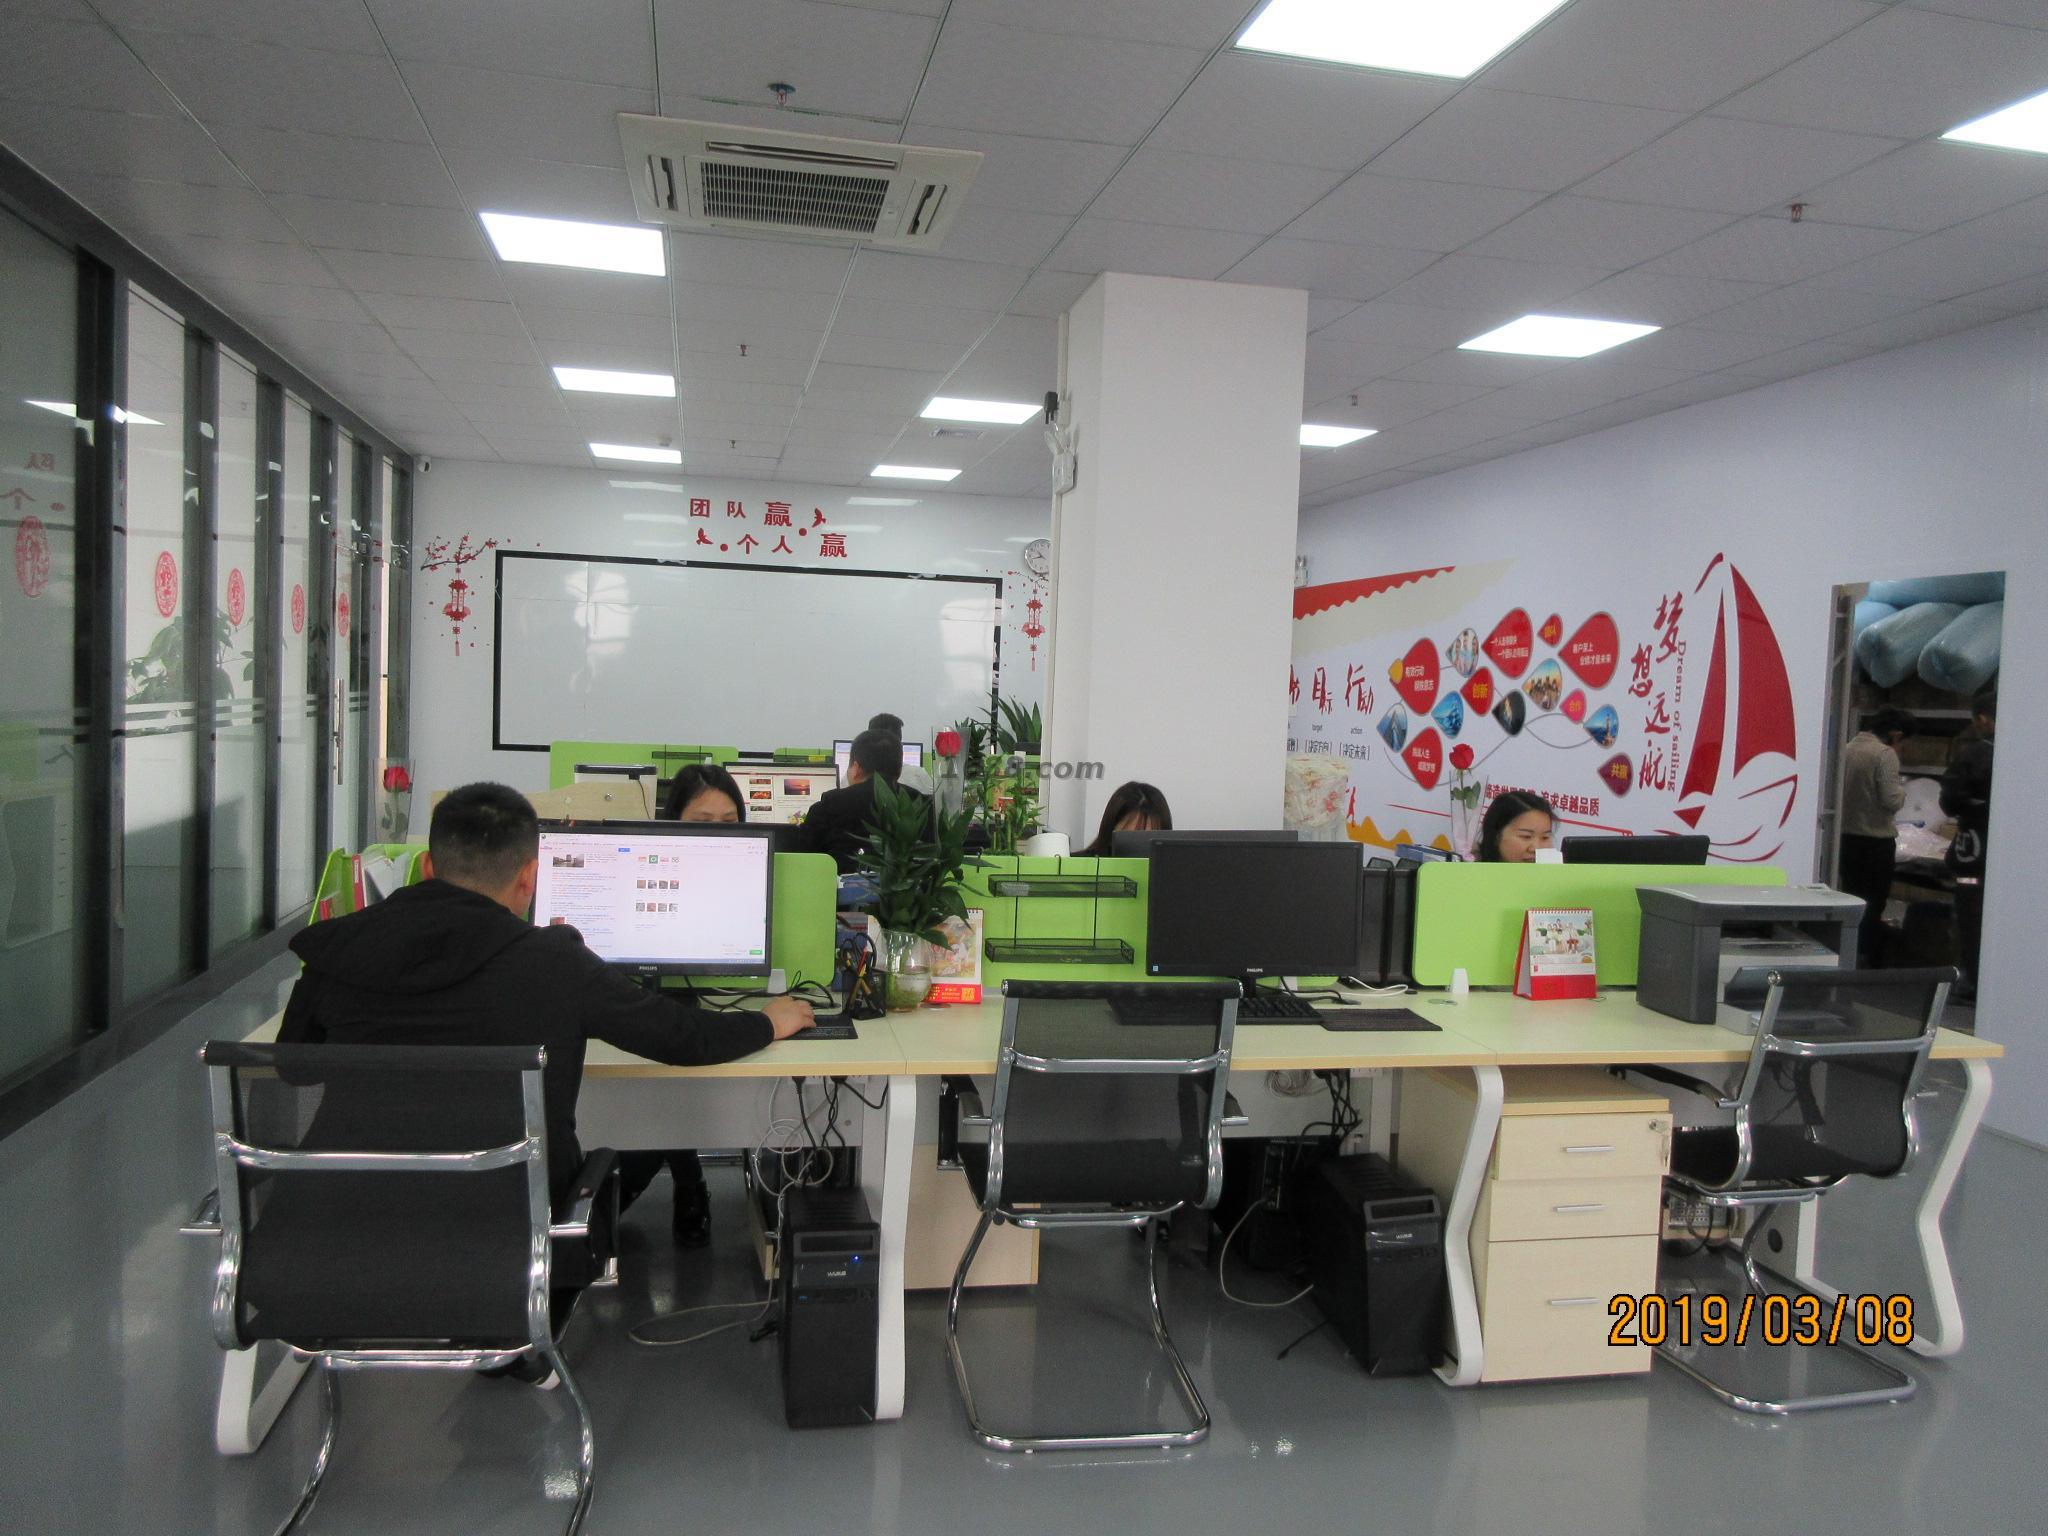 宏利电子-办公环境